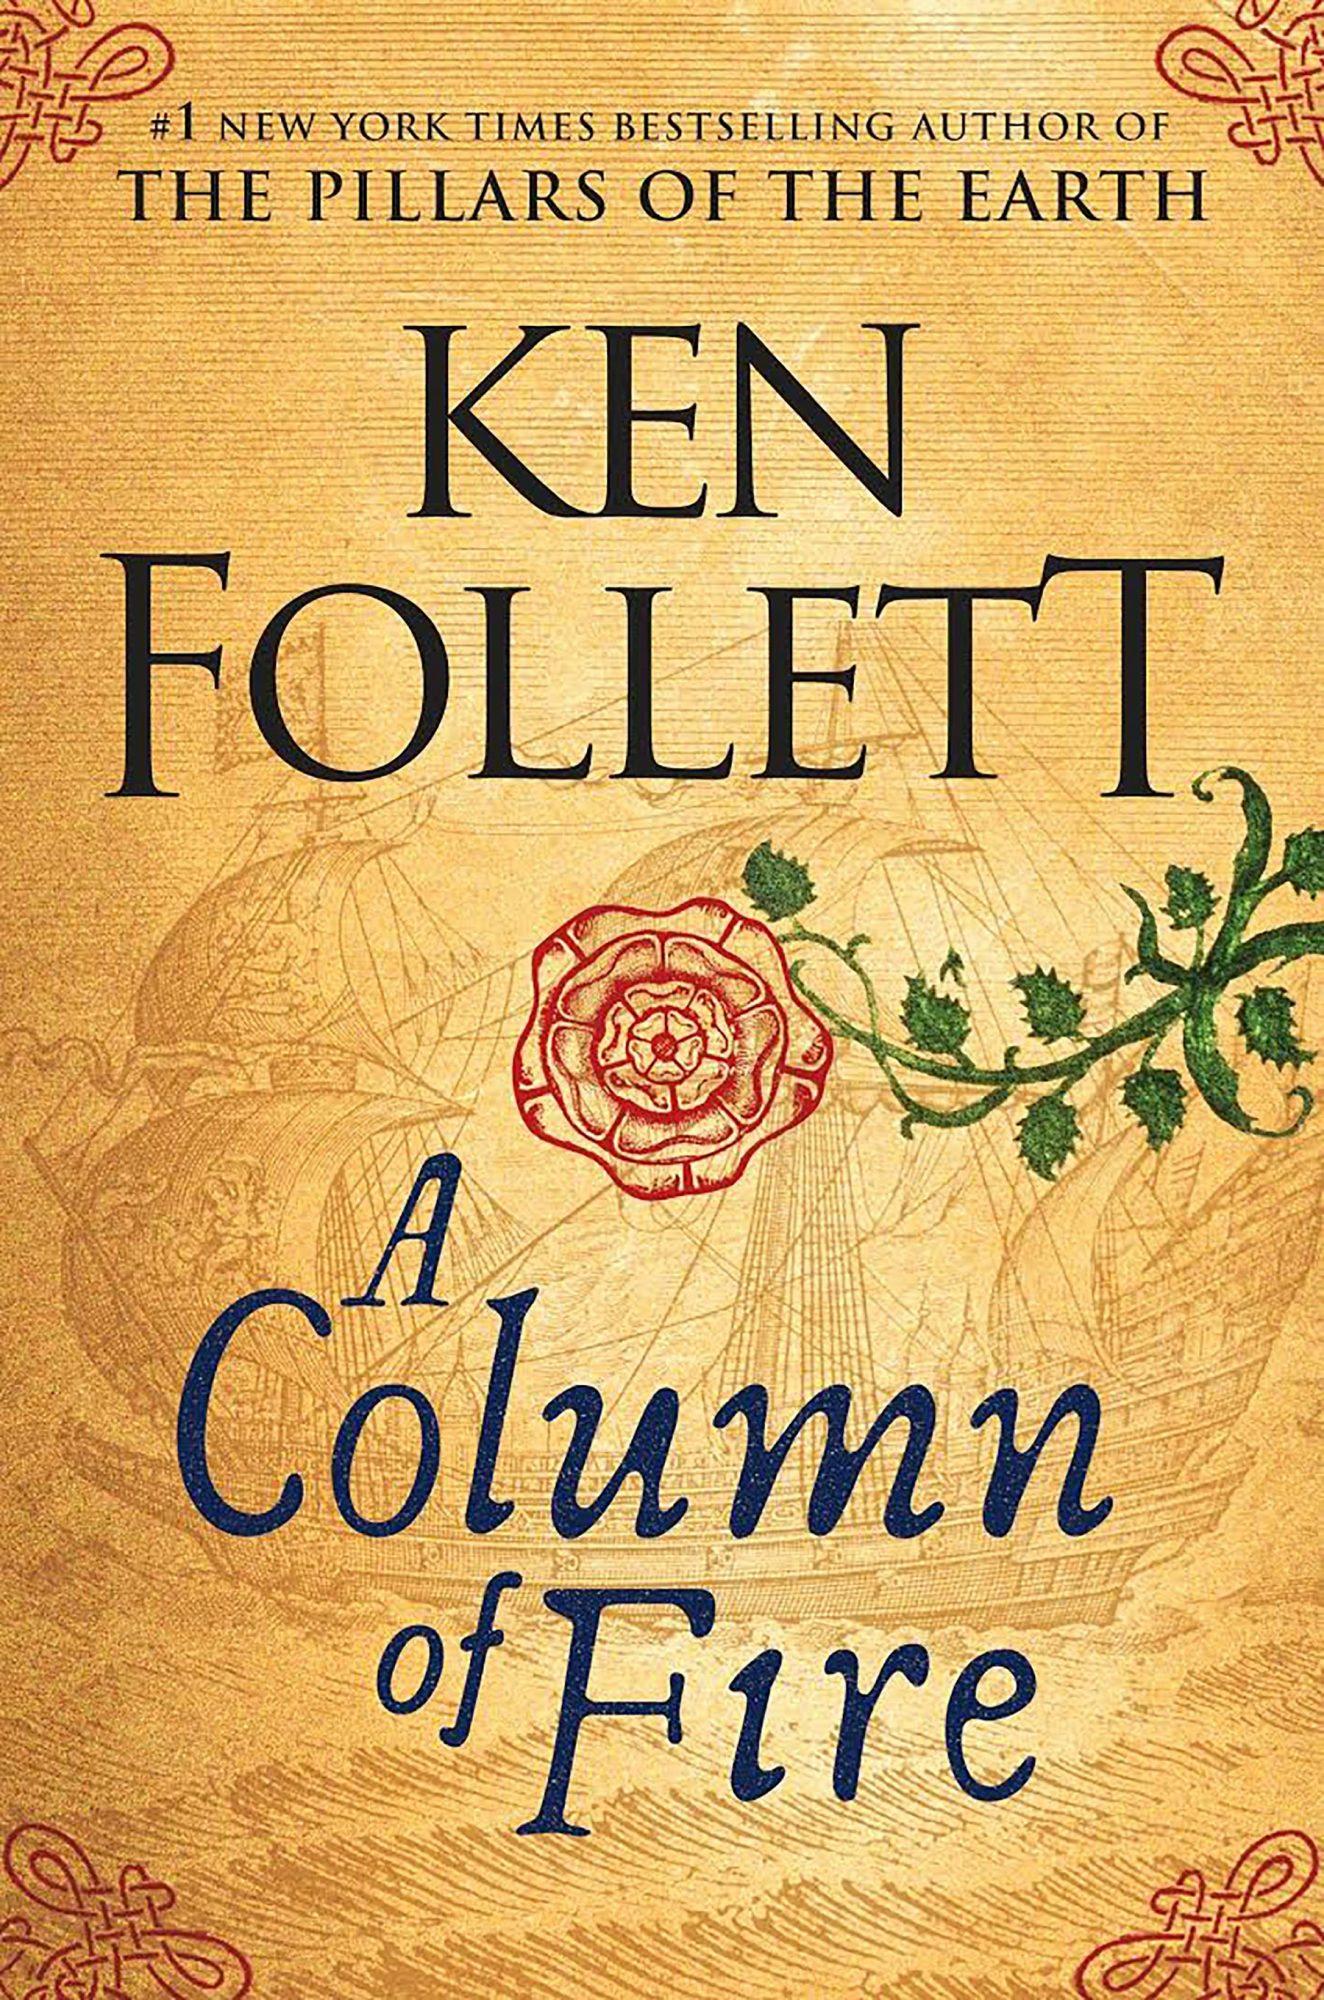 Ken Follett, A Column of Fire CR: Penguin